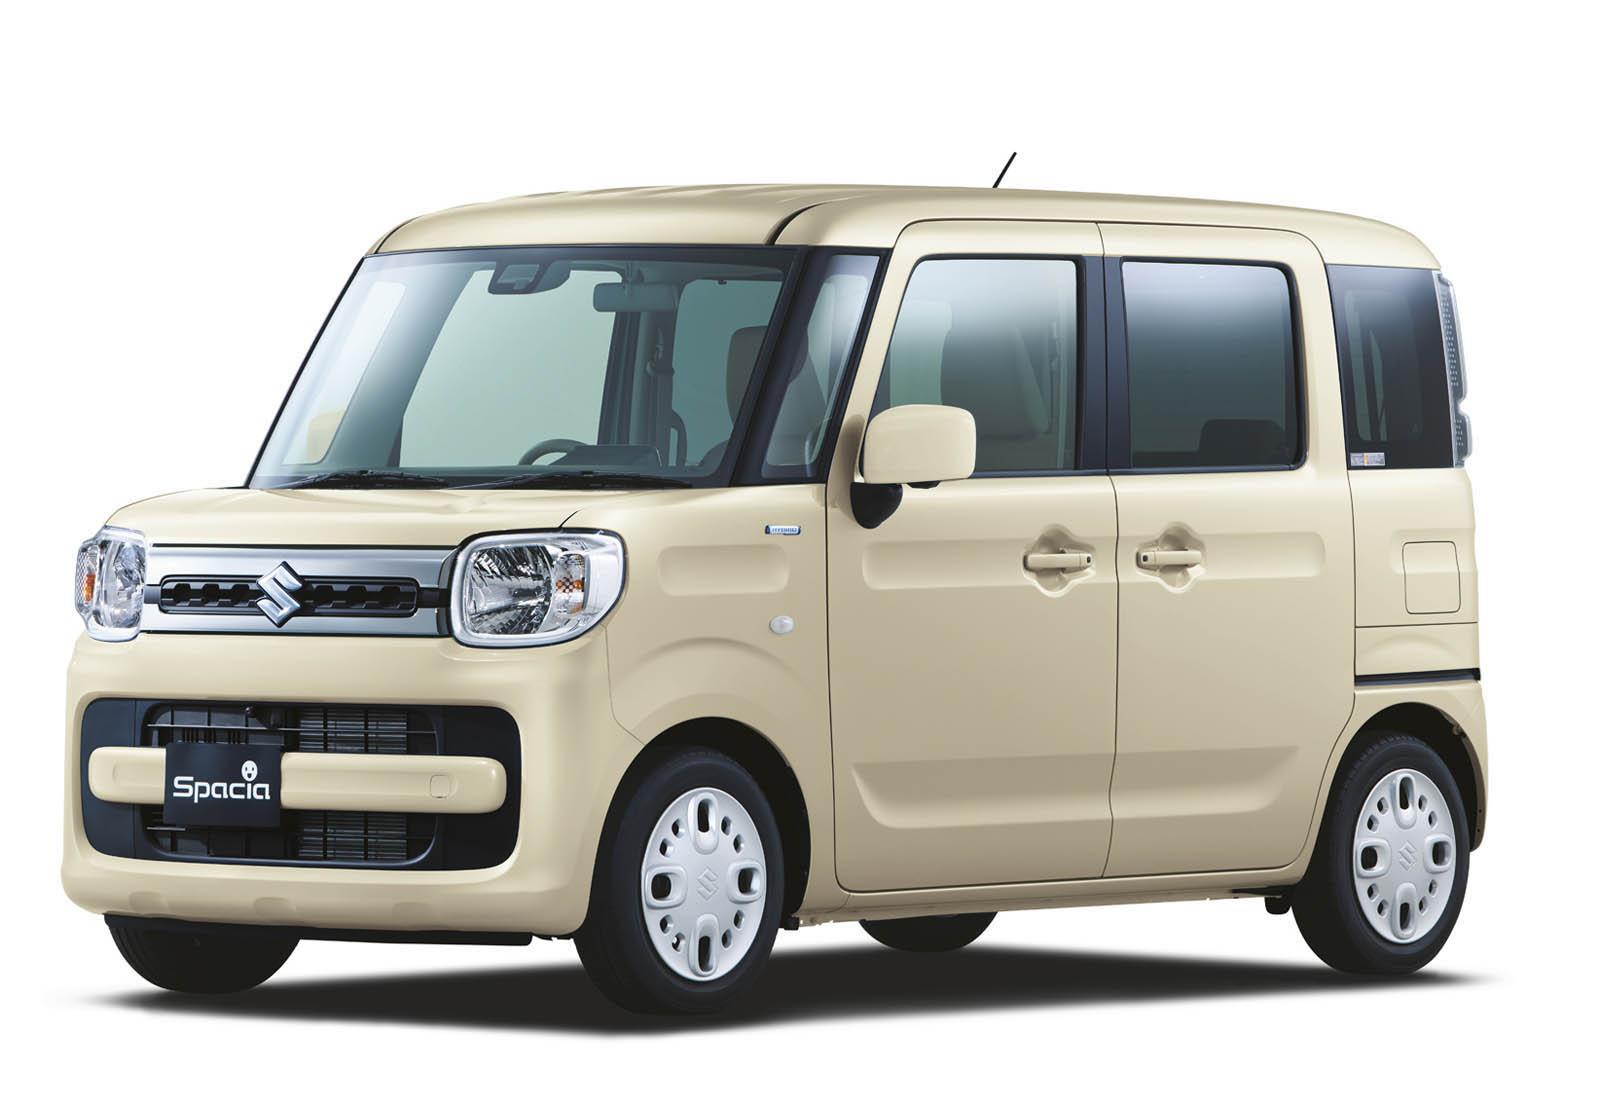 Suzuki Spacia 2018 (3)